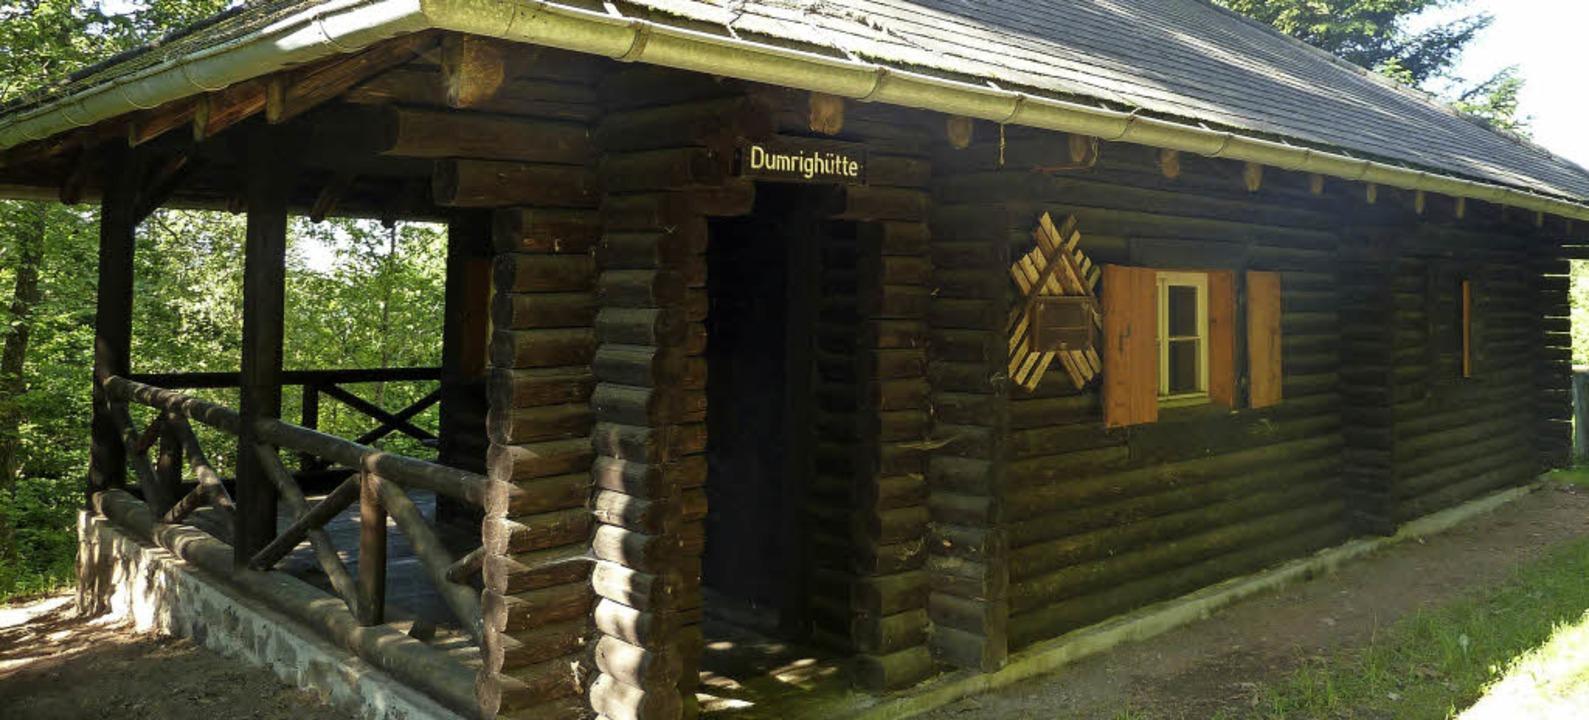 Die Dumrighütte bei Höchenschwand soll...Tagungszentrum zum Thema Wolf werden.   | Foto: Privat